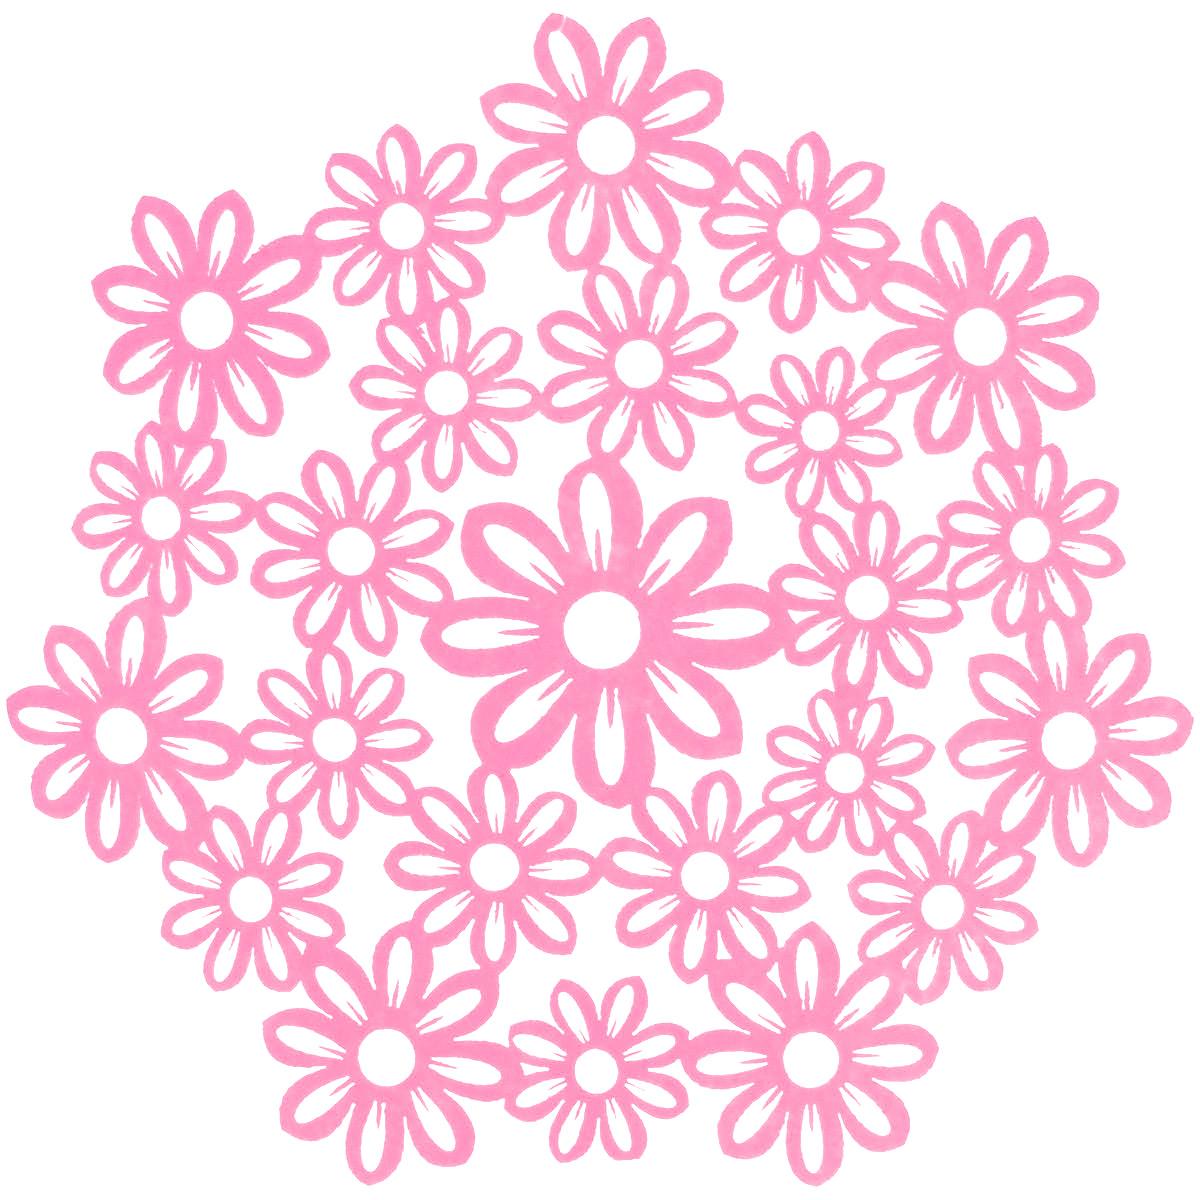 Салфетка Home Queen Незабудки, цвет: розовый, диаметр 28 см66840_6Круглая салфетка Home Queen Незабудки выполнена из фетра и оснащена красивой перфорацией в виде цветов. Вы можете использовать салфетку для декорирования стола, комода, журнального столика. В любом случае она добавит в ваш дом стиля, изысканности и неповторимости и убережет мебель от царапин и потертостей. Диаметр салфетки: 28 см.